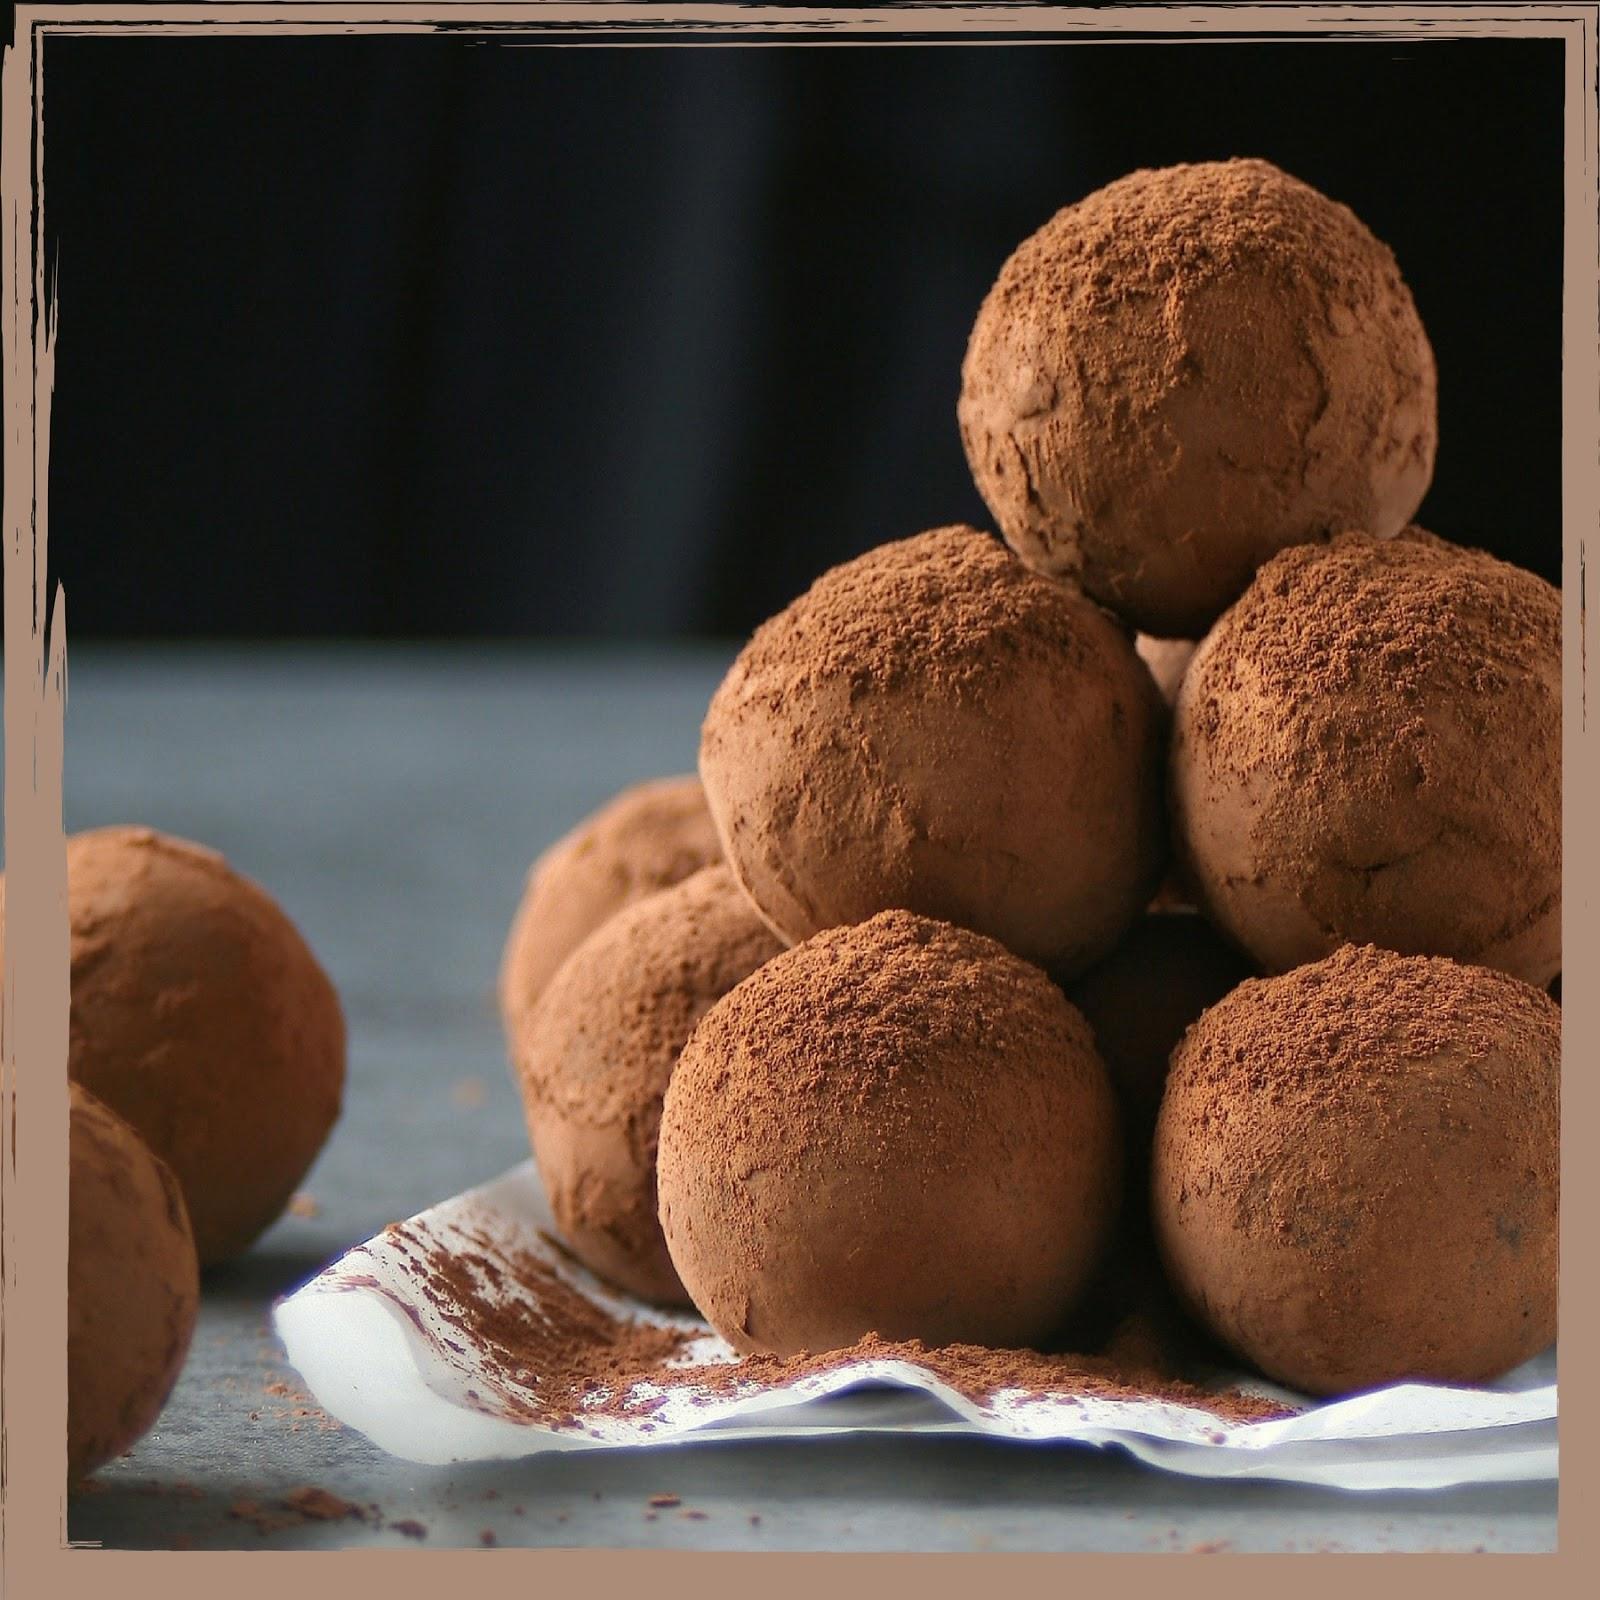 Cupcakes & Couscous: Ten Fabulous Edible Christmas Gift Ideas